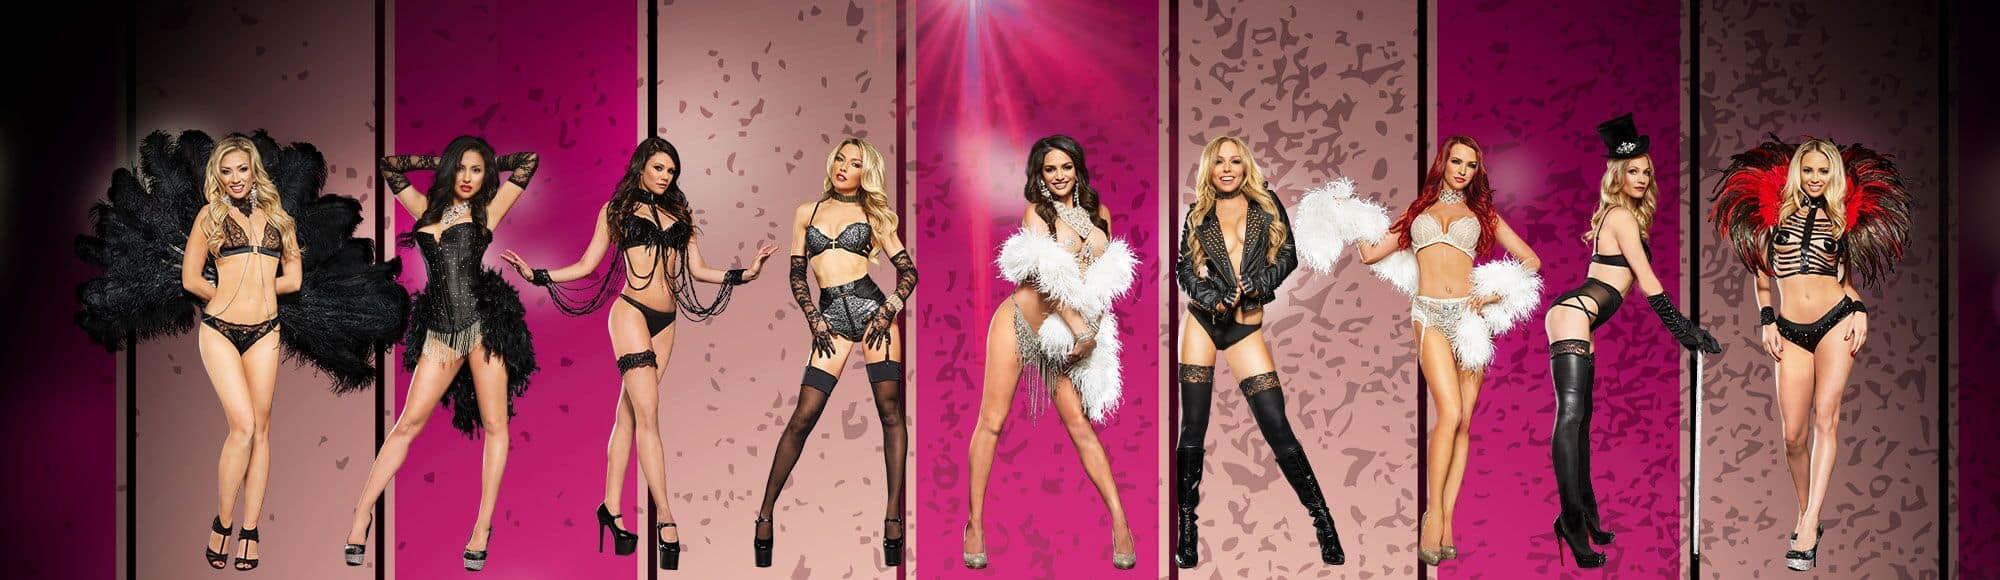 X Burlesque famous for lap dance